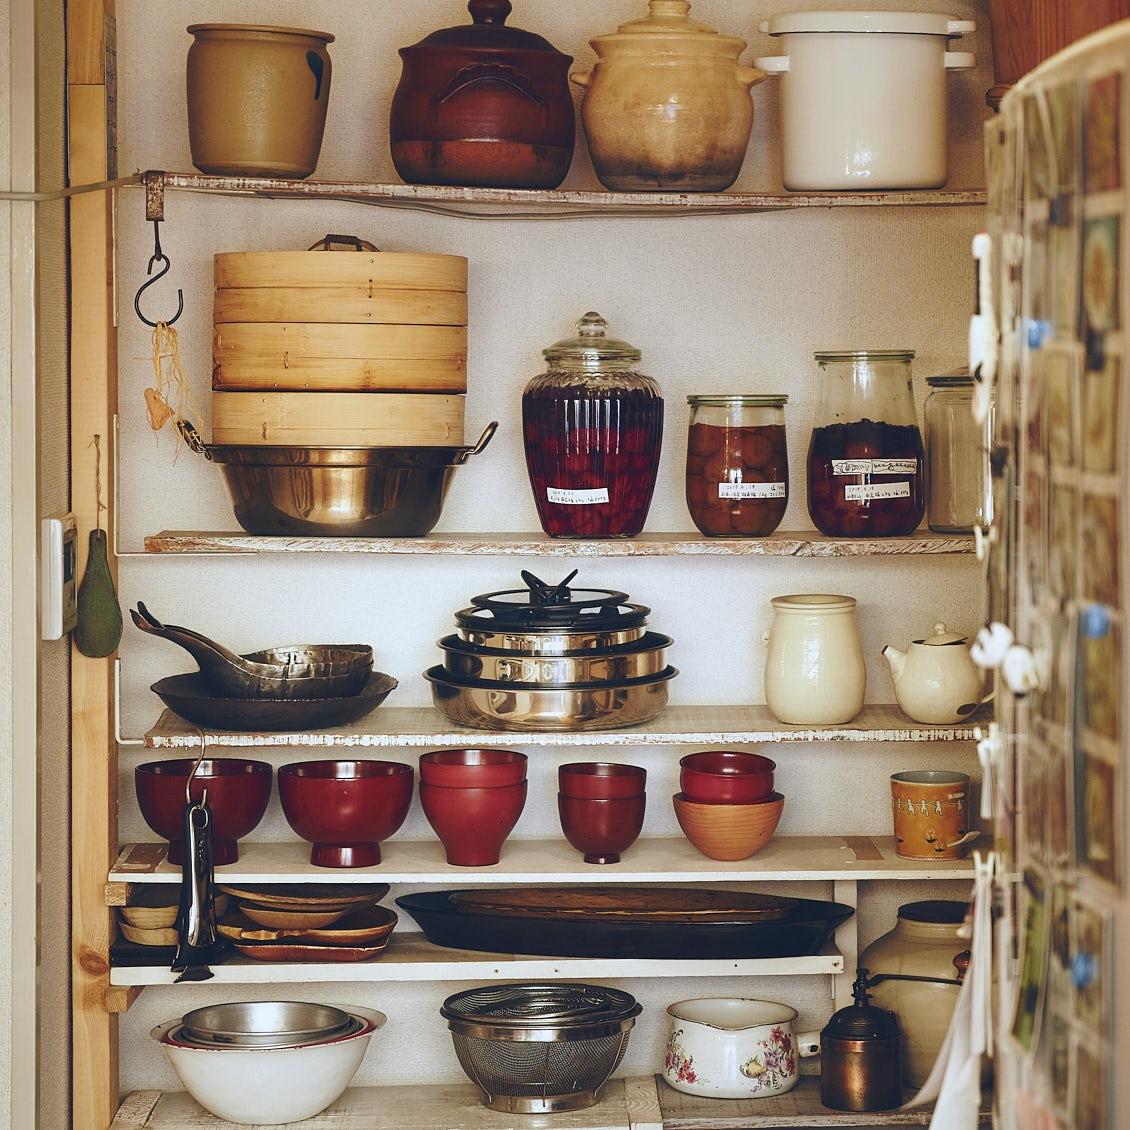 【日々の料理道具】平日のご飯づくりをラクに。今の自分にあったモノ選びって?